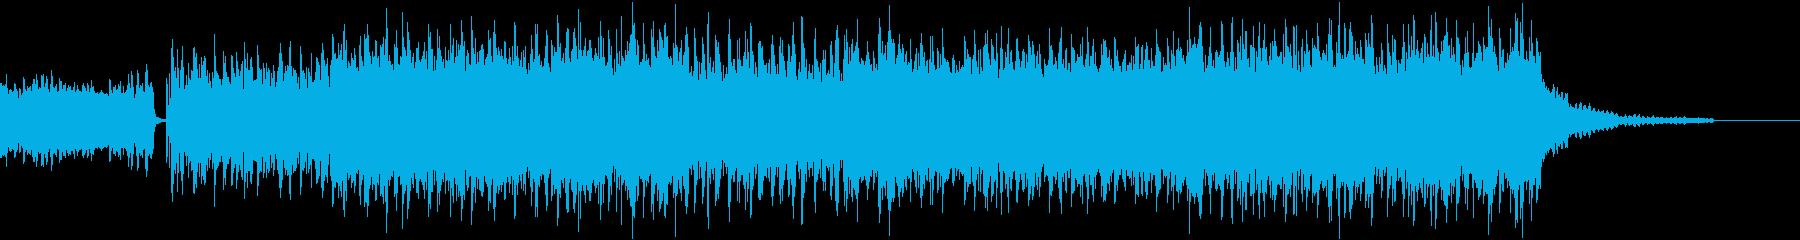 creo_leo_bgm40の再生済みの波形